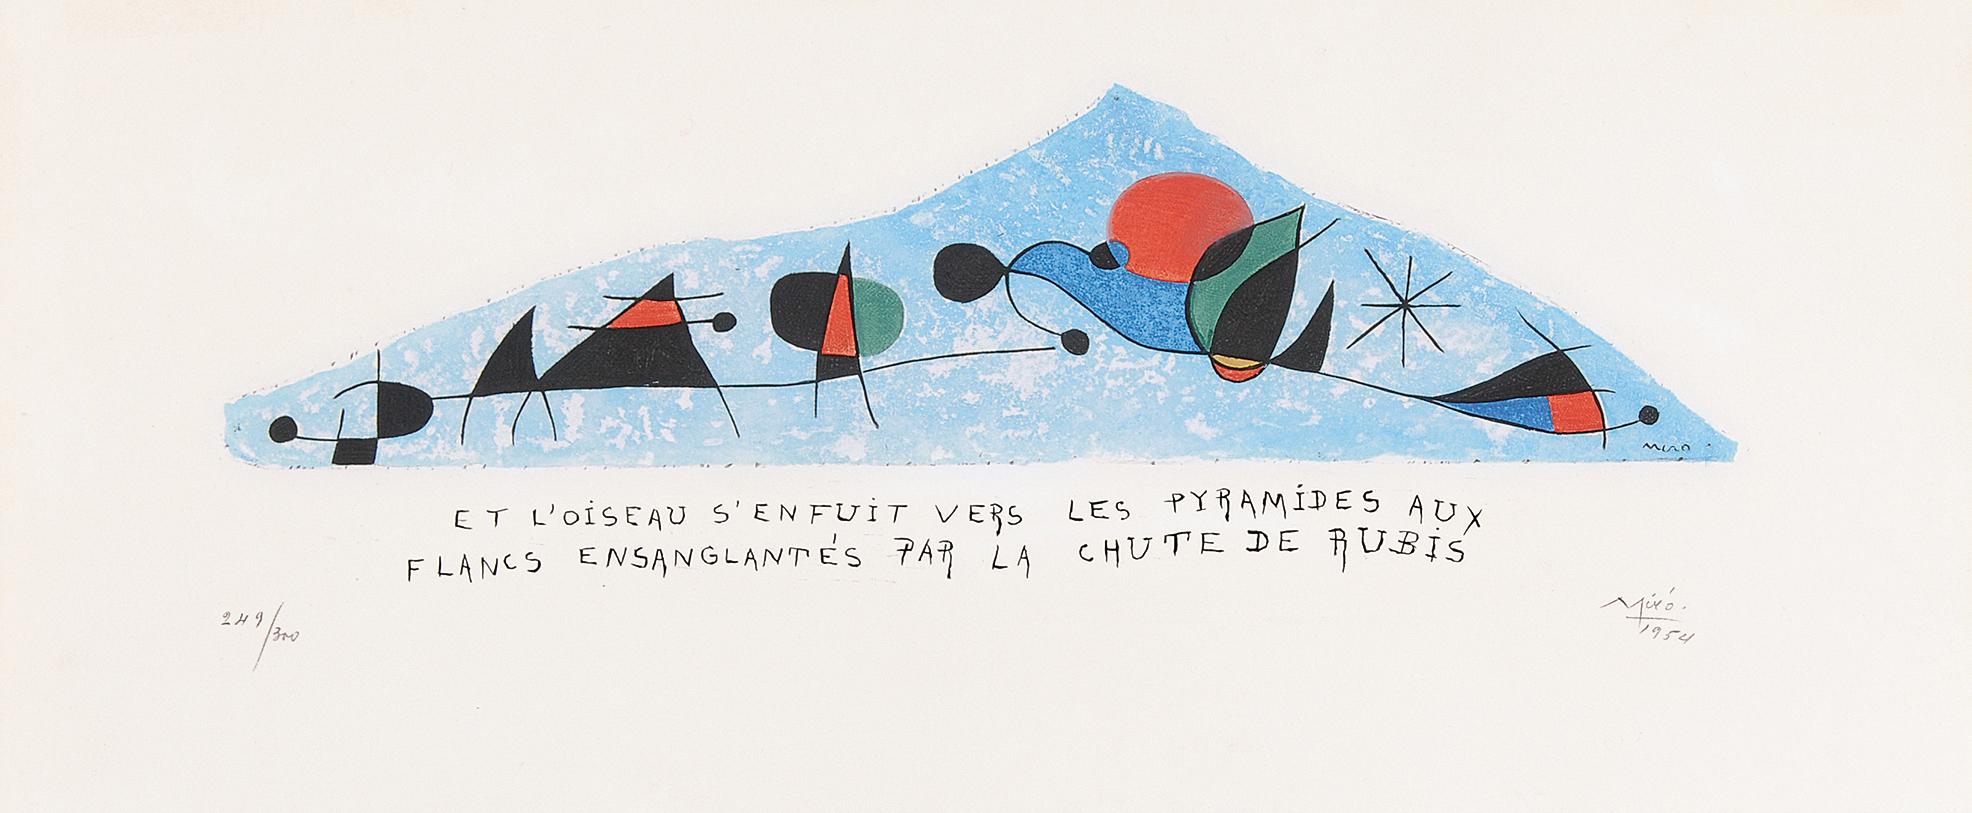 Miró Joan, after. Et l'oiseau s'enfuit vers les pyramides aux flancs ensanglantés par la chute de rubis